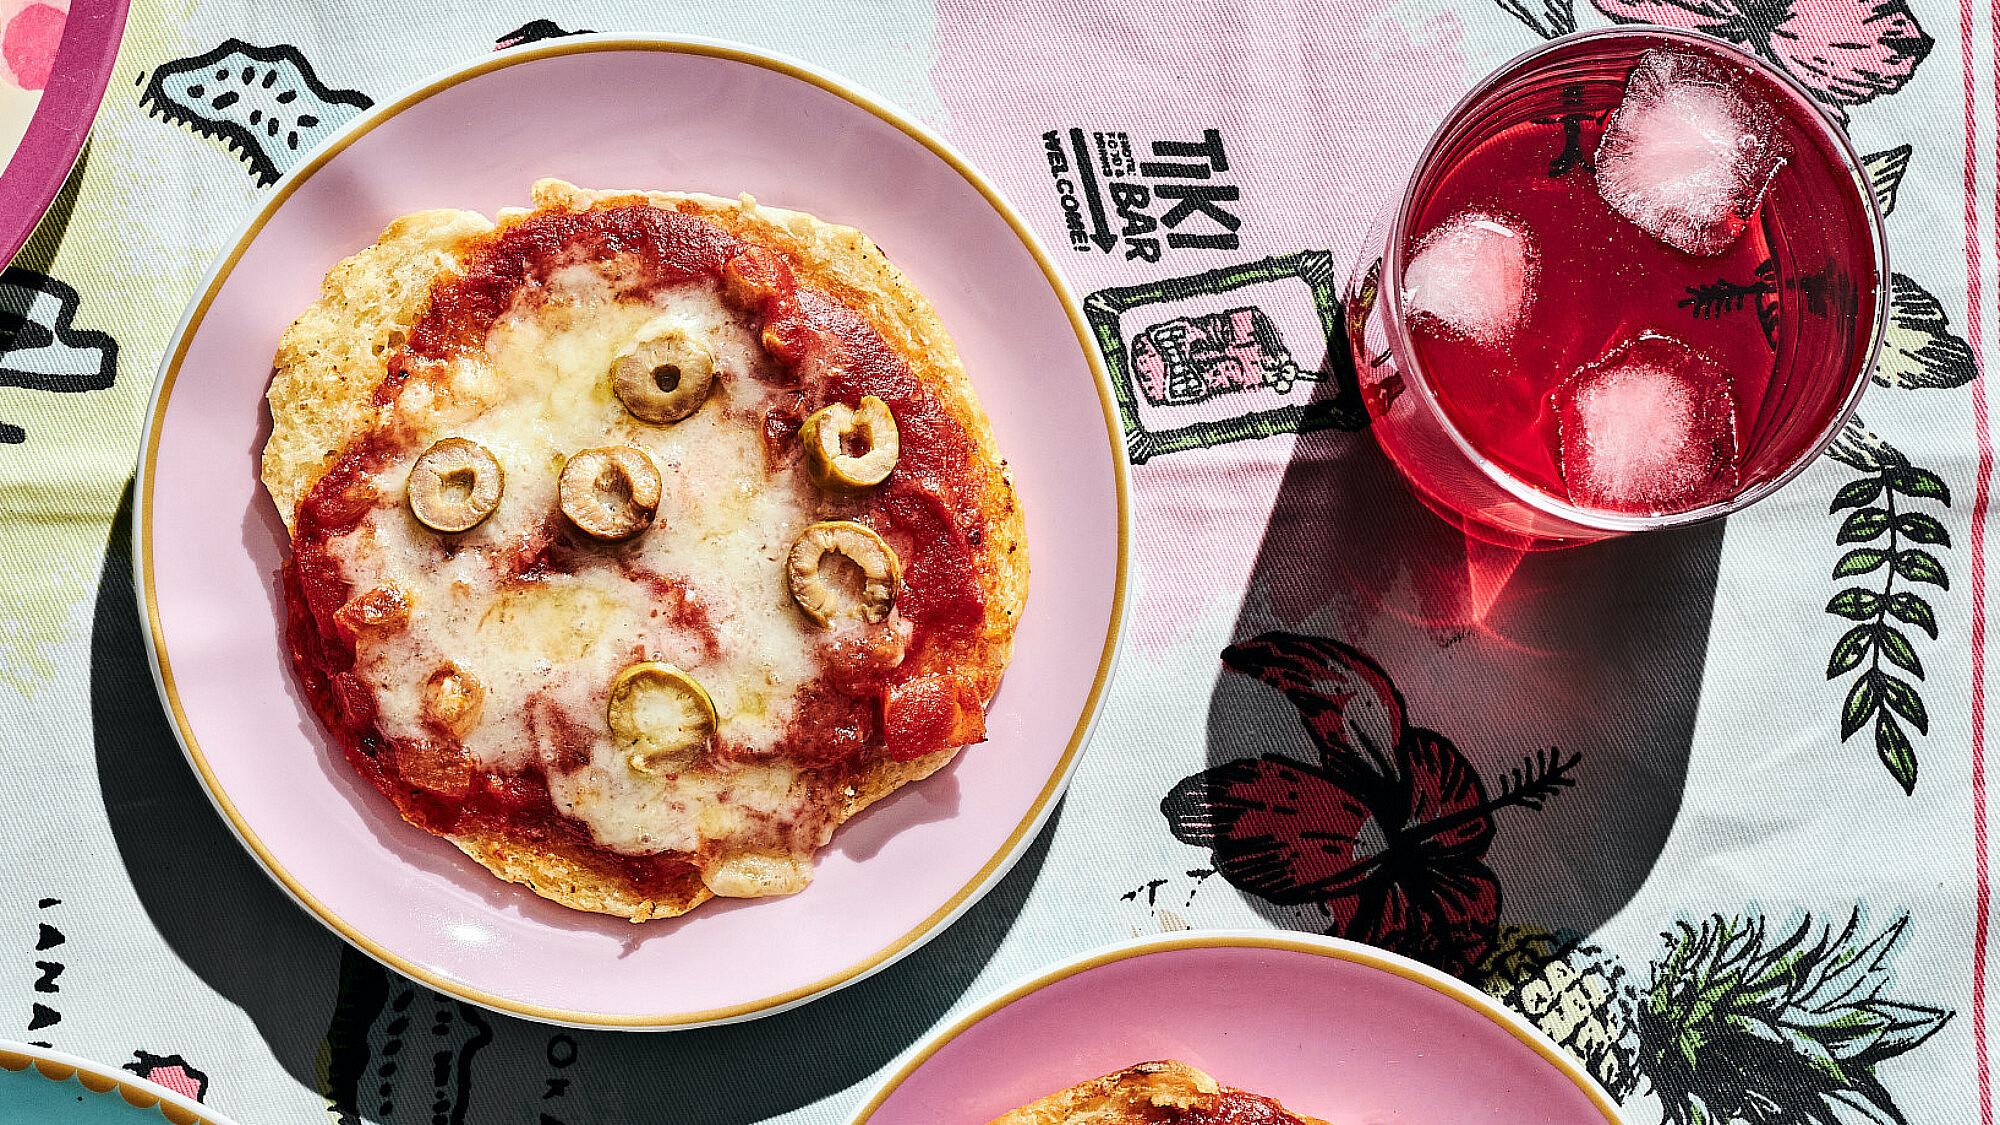 פיצה פיתה של רותם ליברזון. צילום: אמיר מנחם, כלים ואביזרים Sofi סופי, שוק הפשפשים, יפו